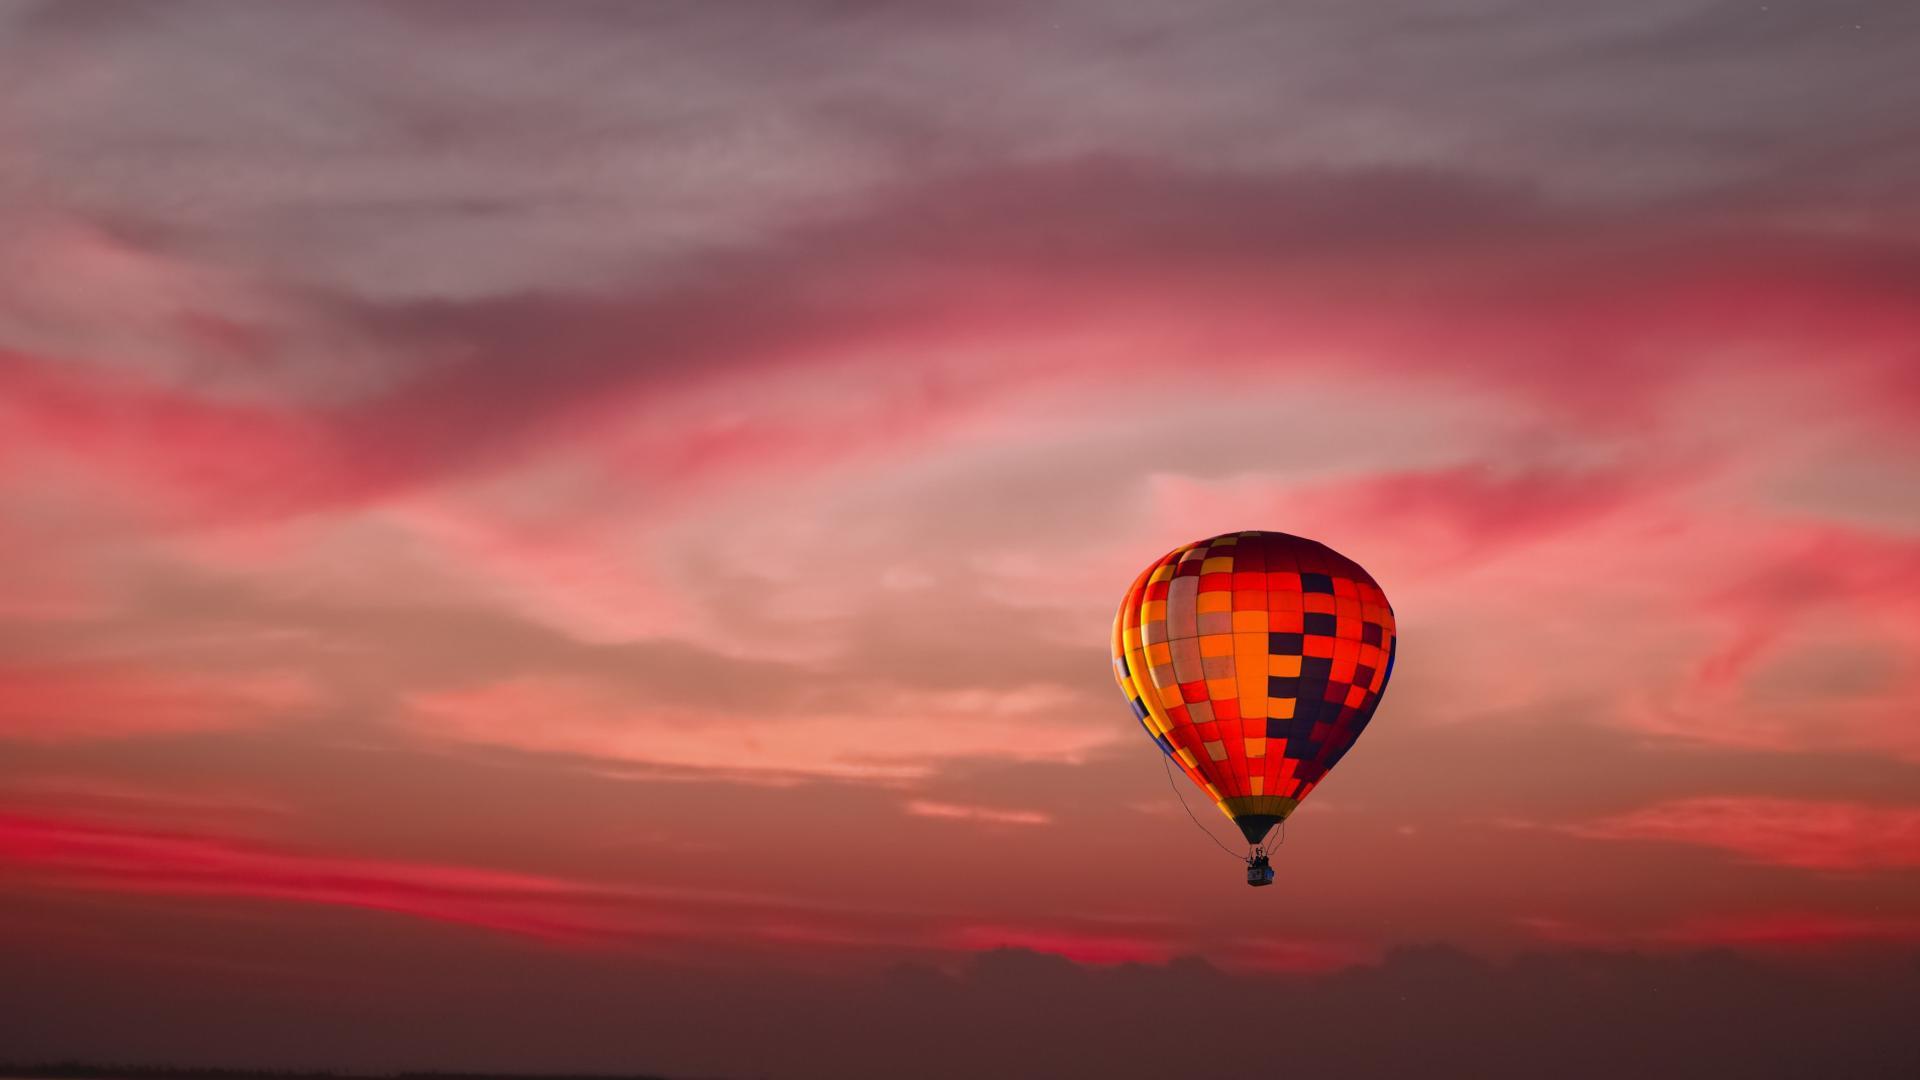 Ebenfalls im Angebot: Eine romantische Fahrt in einem Heißluftballon über Felder, Wiesen und Wälder der Region.